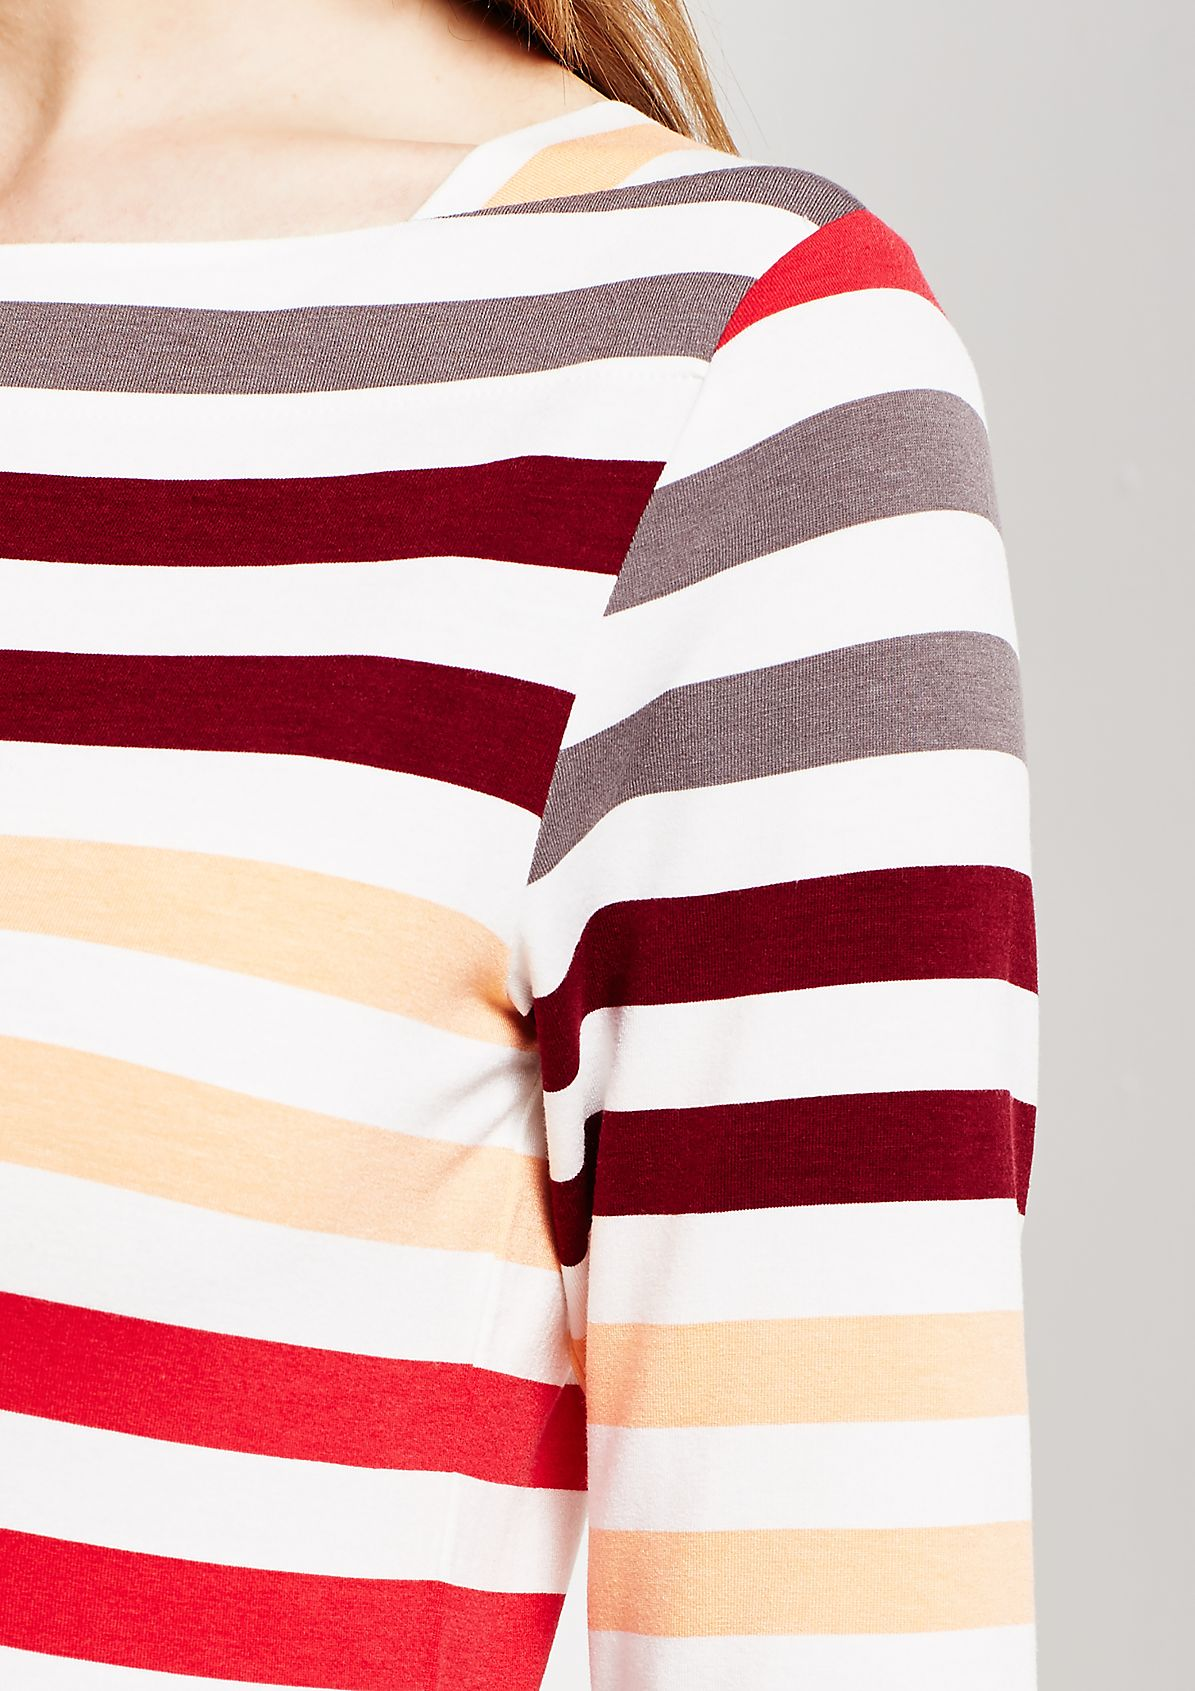 Sommerliches Kurzarmshirt im klassischen Streifenlook